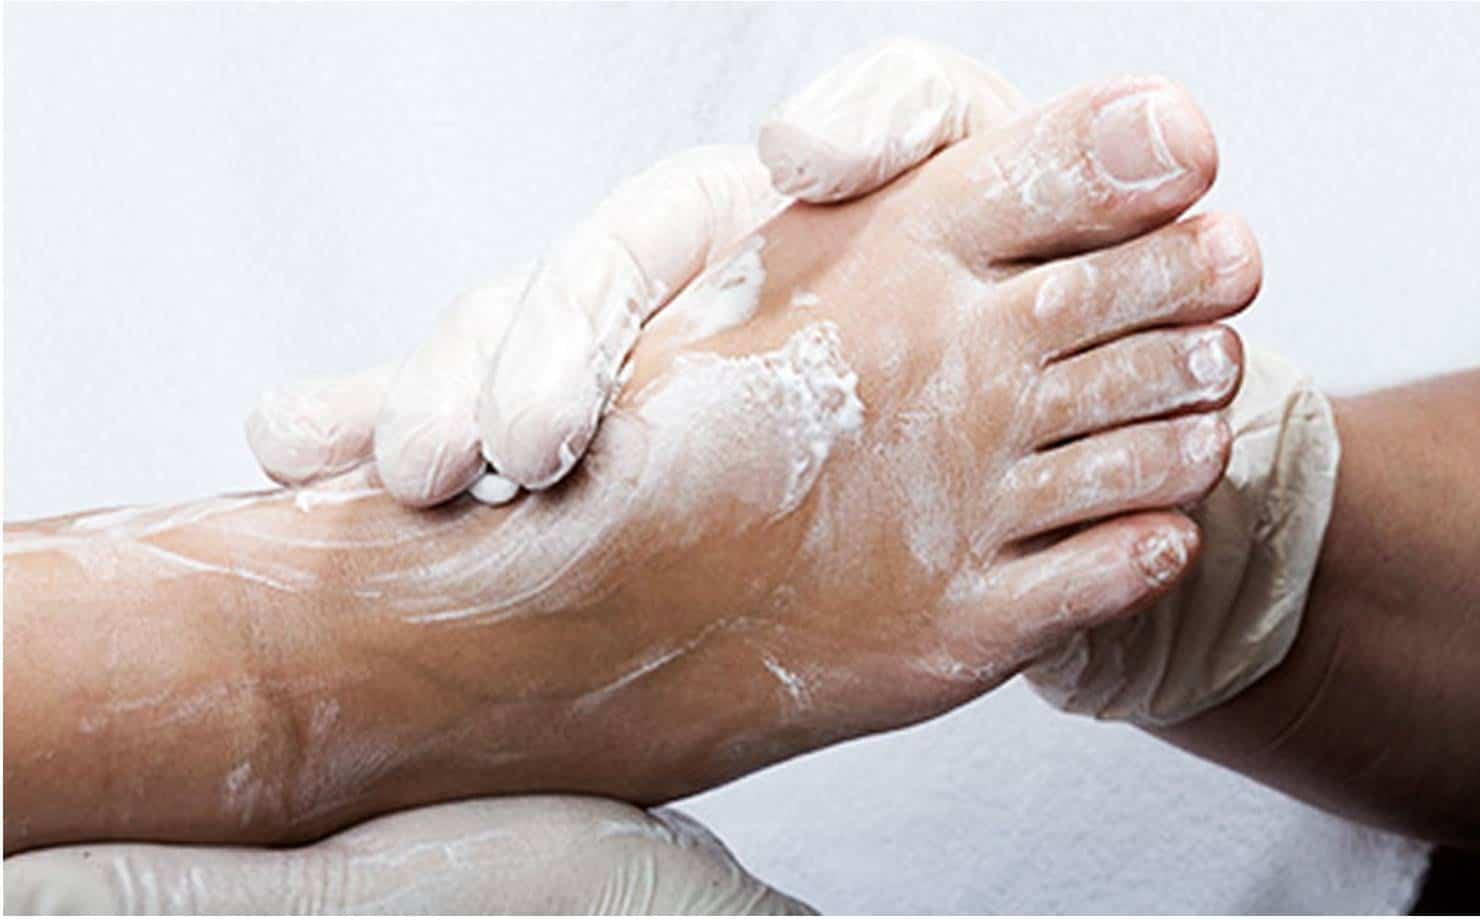 Xô Chulé: elimine o odor dos pés com este talco caseiro